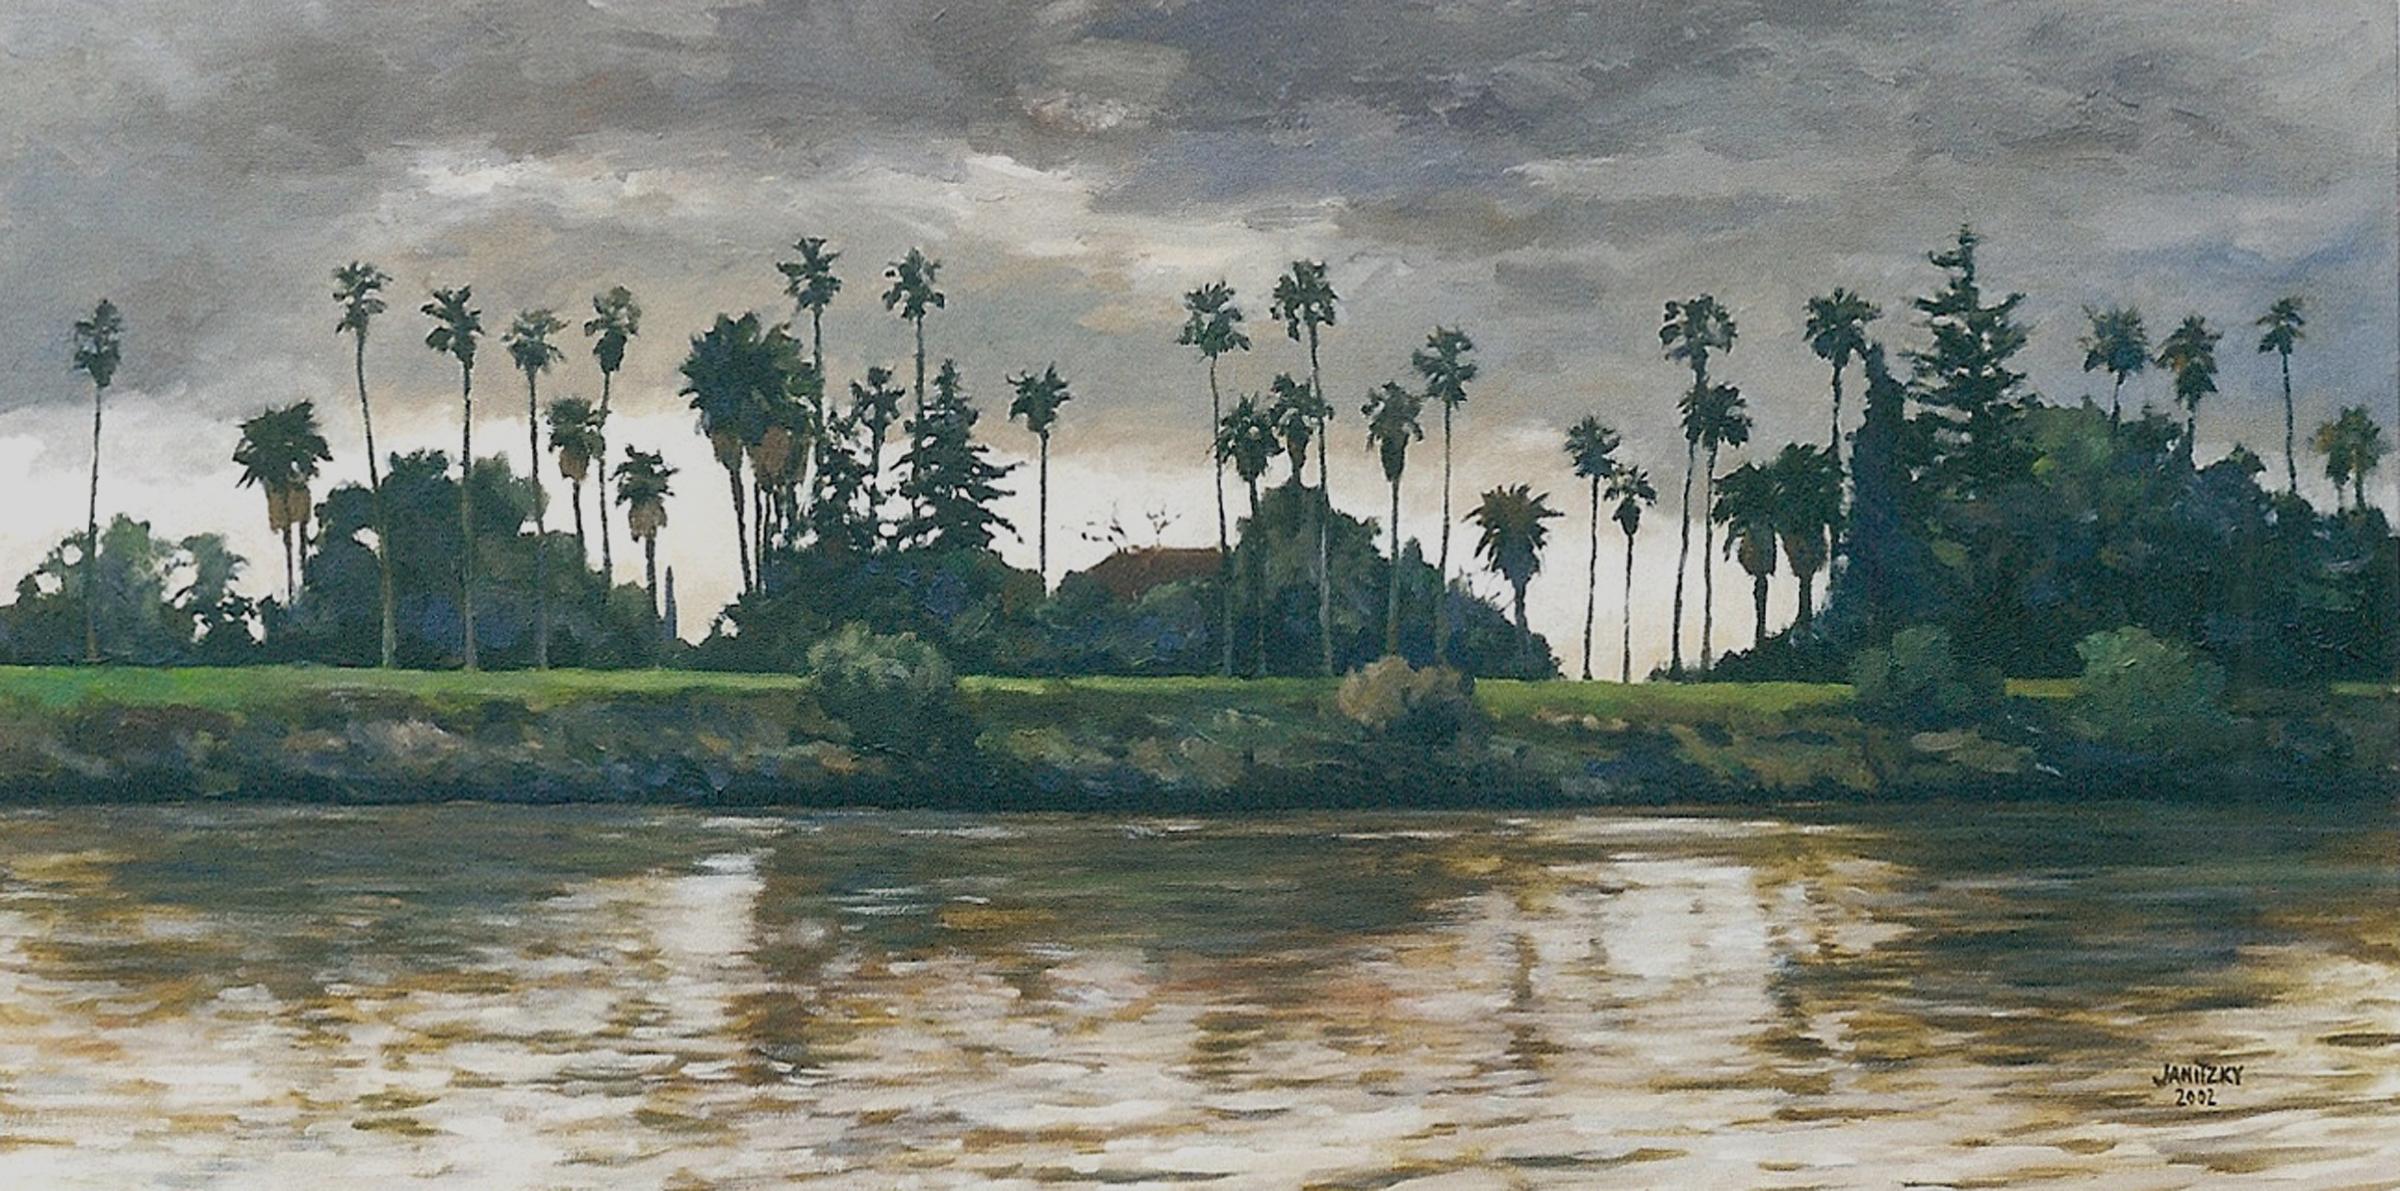 Sacramento River, 35 Palms.